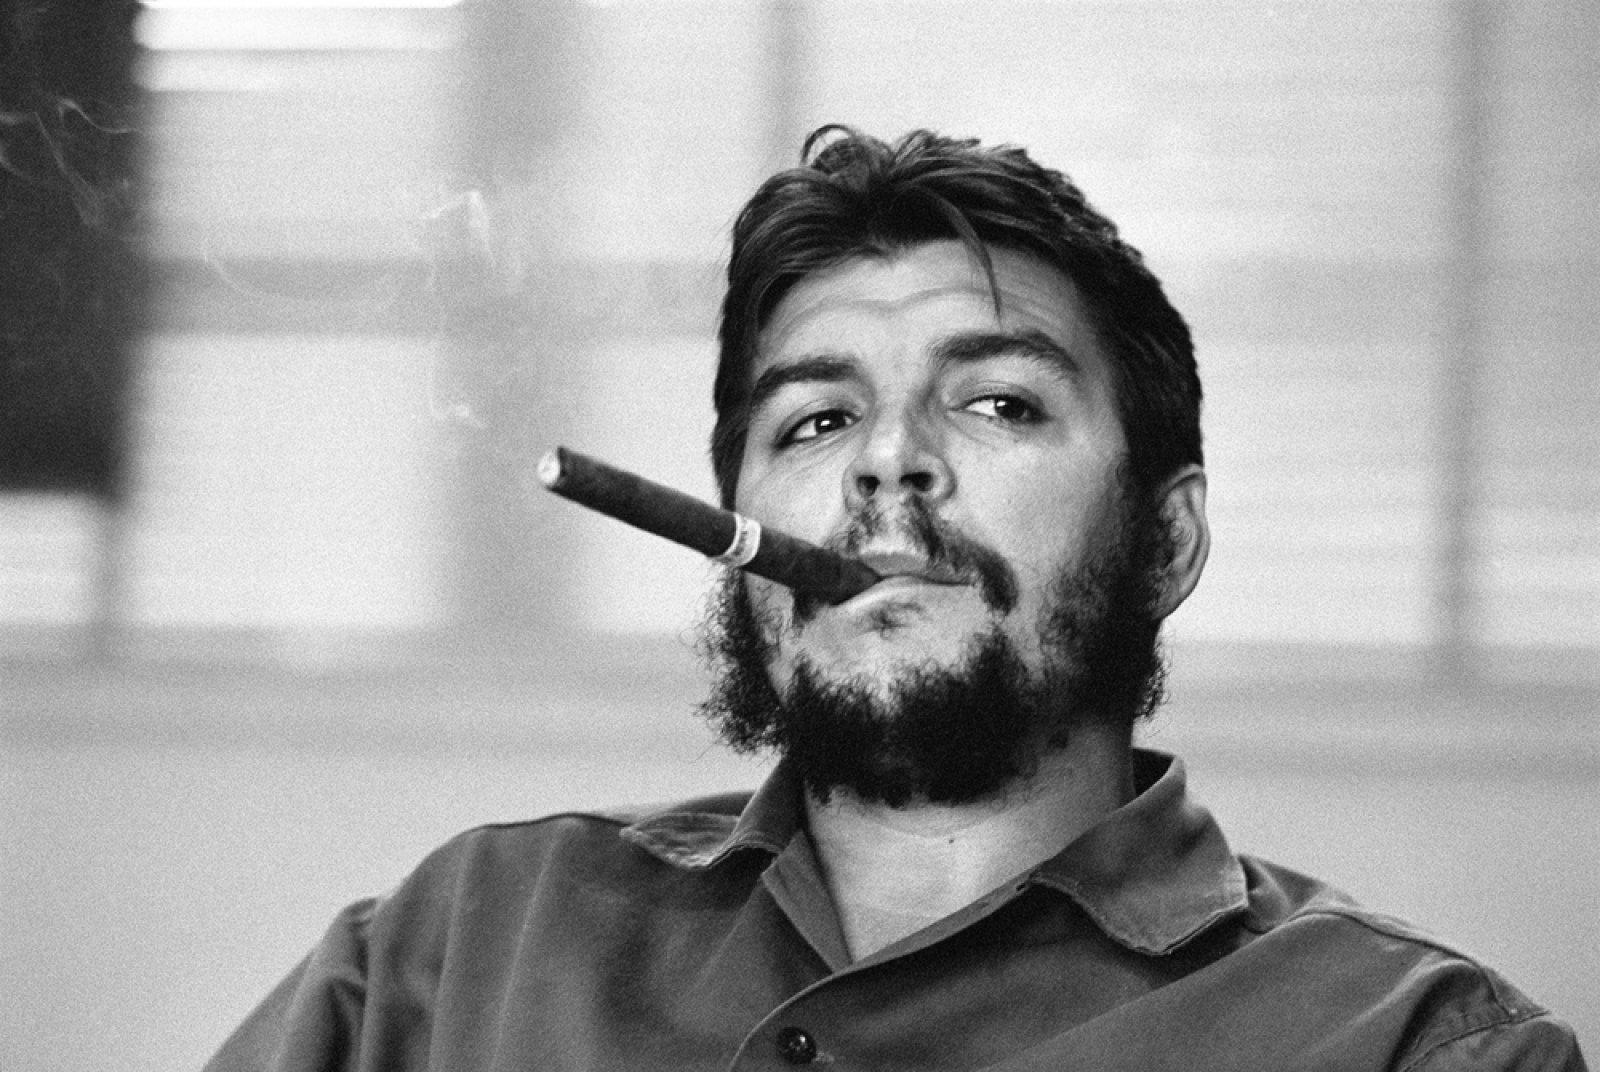 Ernesto 'Che' Guevara. Havana, Cuba, 1963 © Rene Burri / Magnum Photos